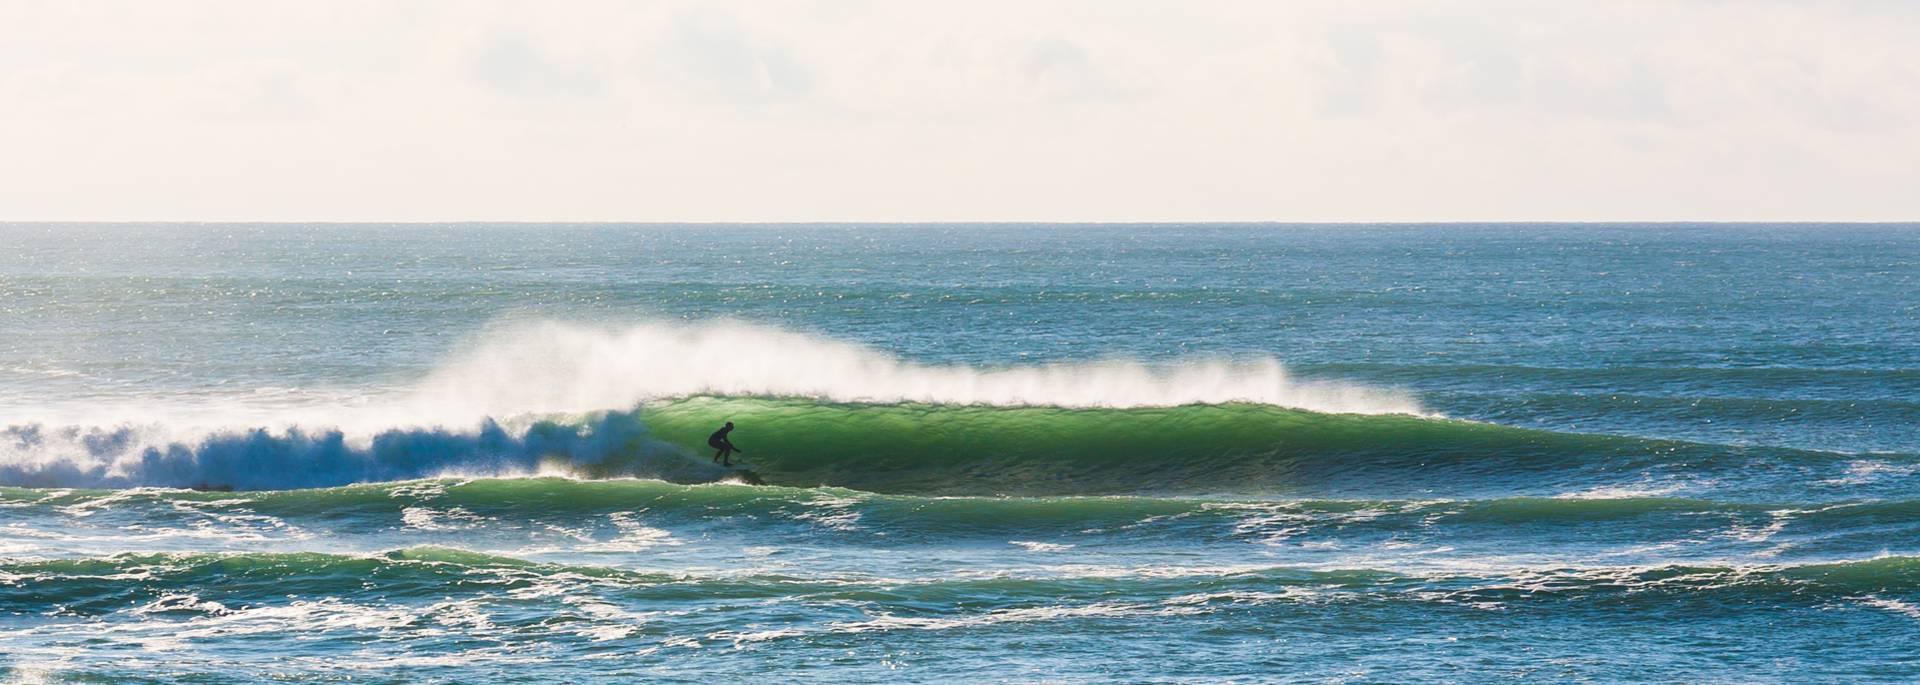 Le surf à la plage de Plovan en Baie d'Audierne © C Thomas